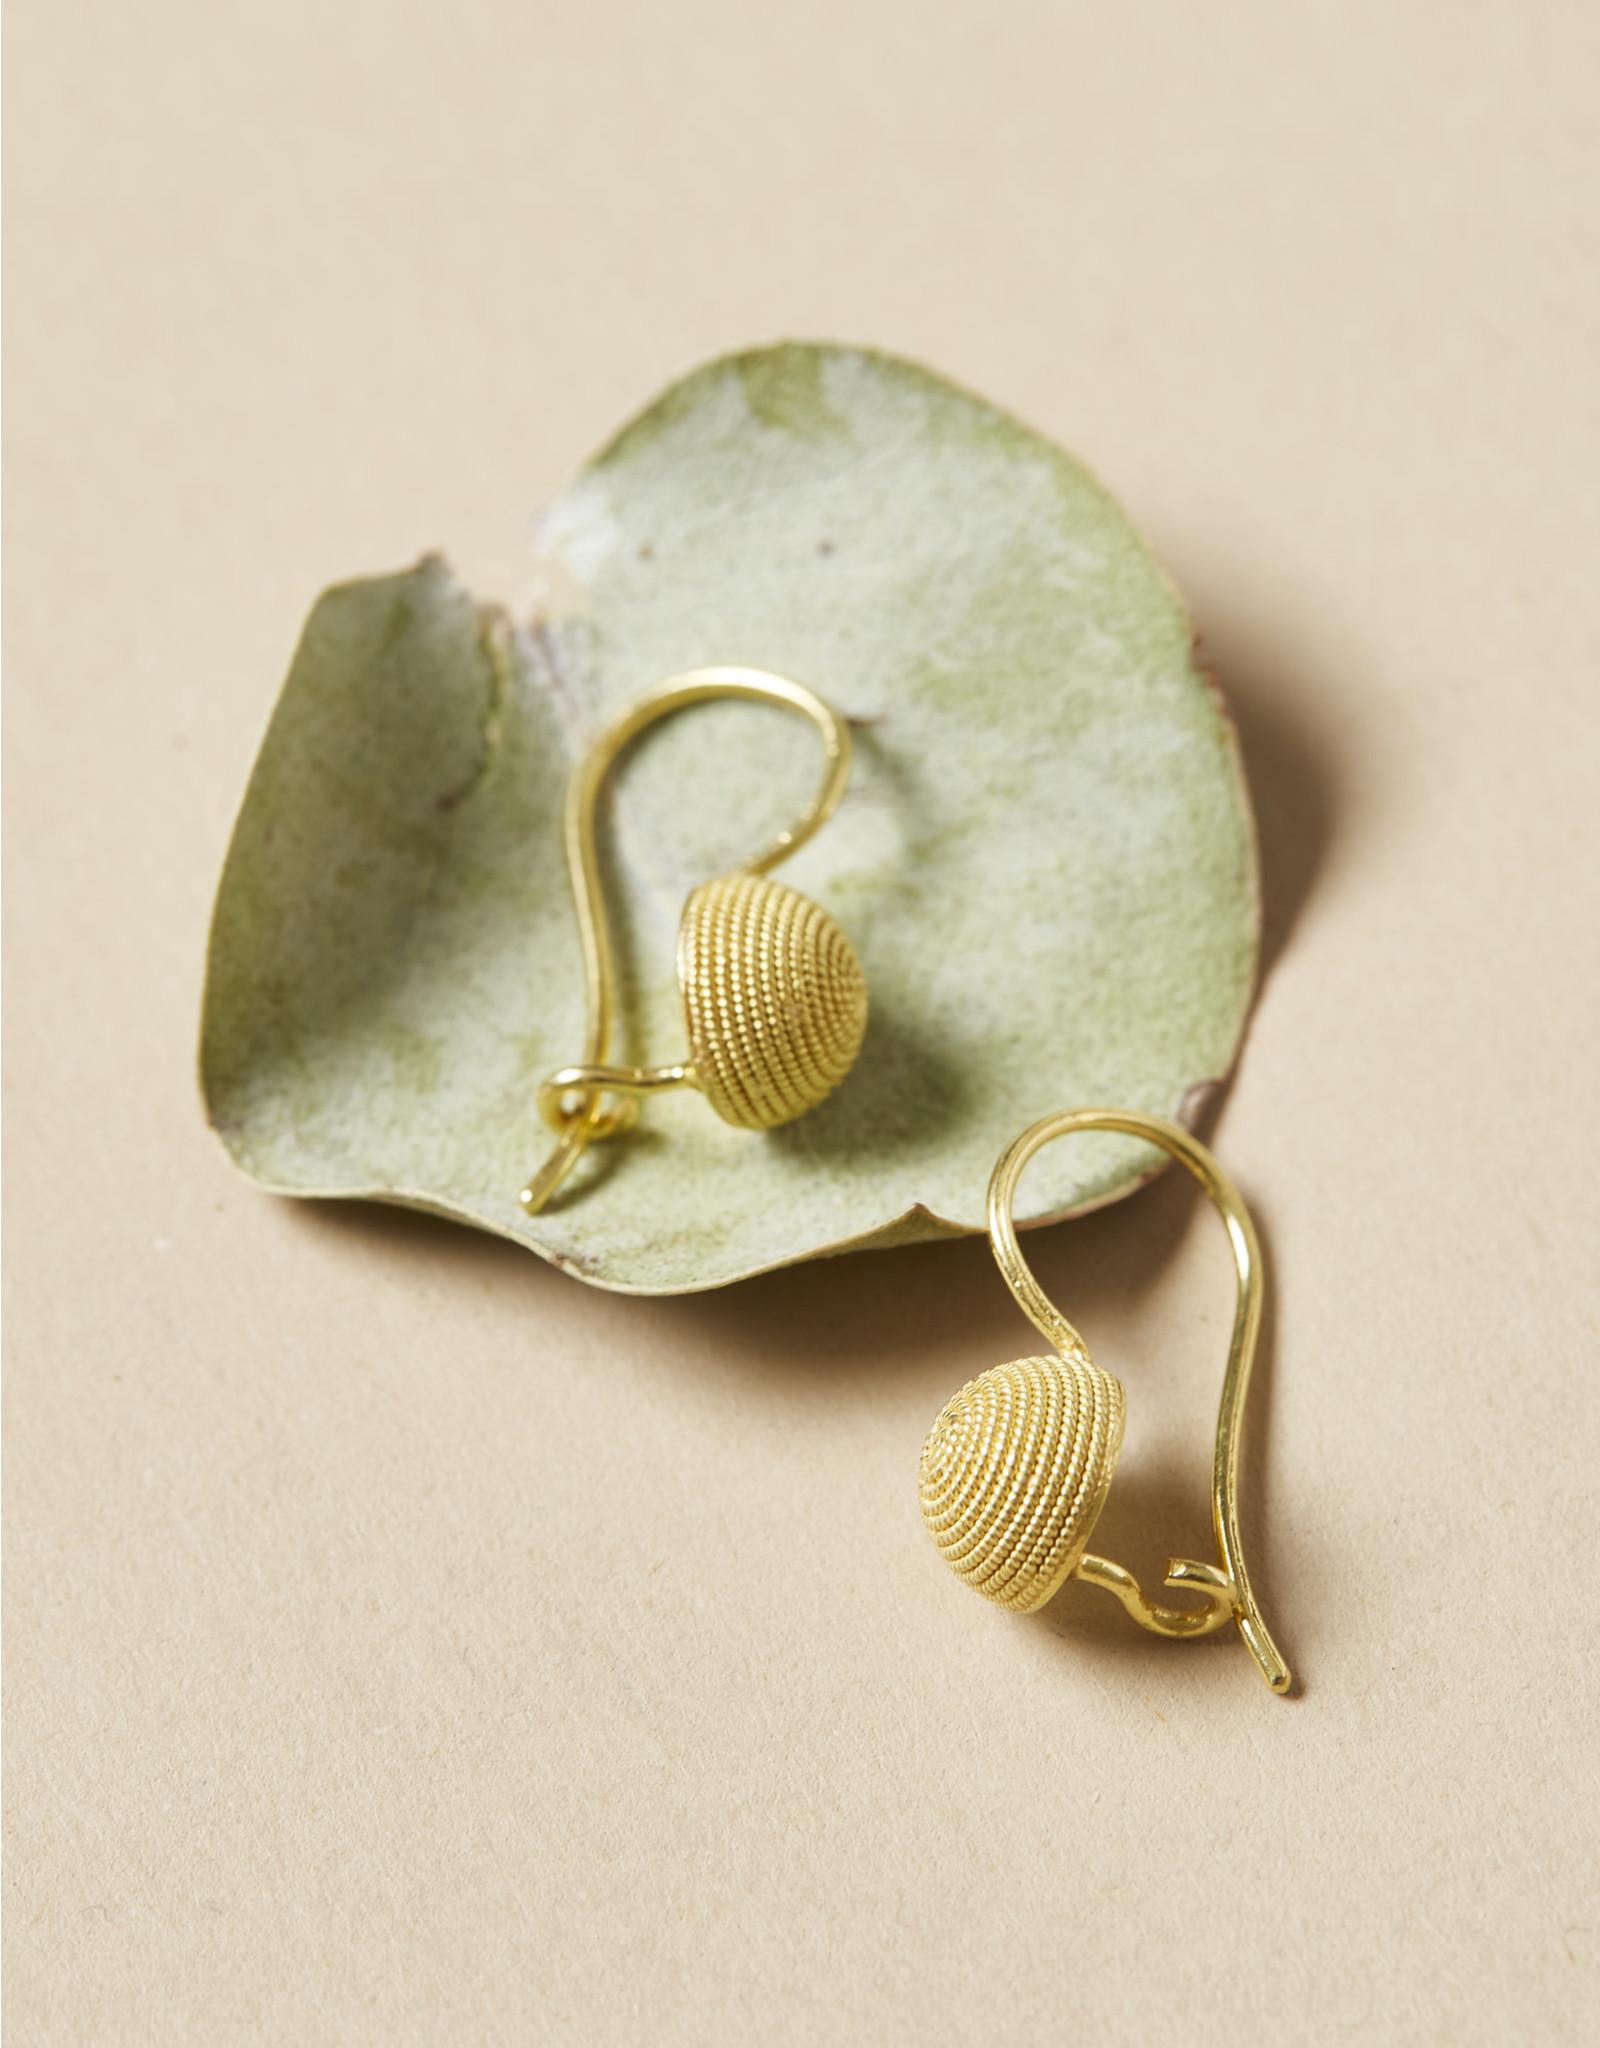 Kokku Spirale Drop Earrings Piccoli